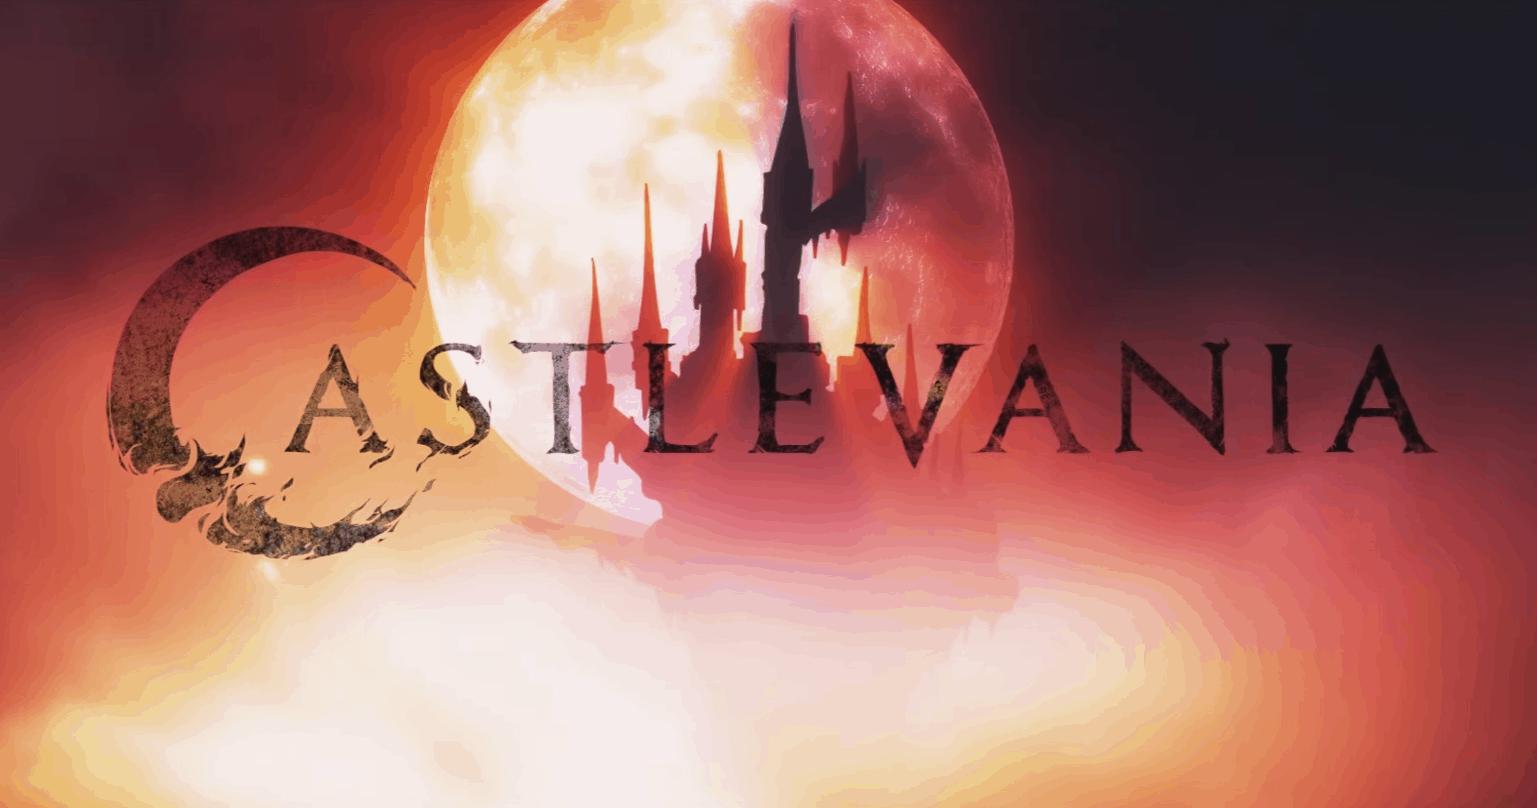 Castlevania: primo trailer e data d'uscita della serie Netflix